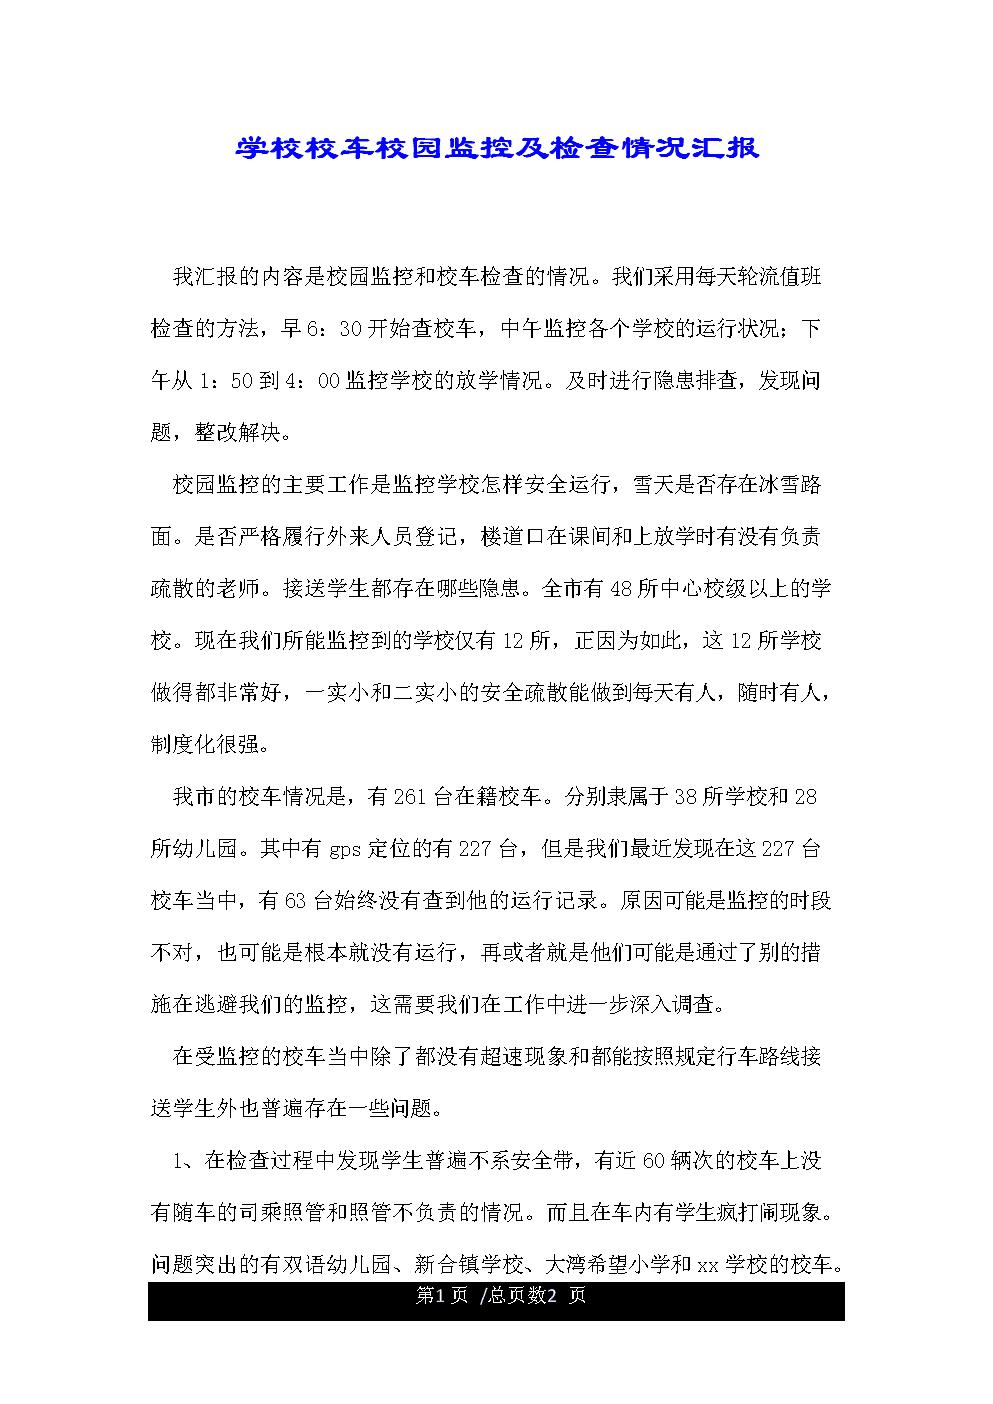 学校校车校园监控及检查情况汇报.doc